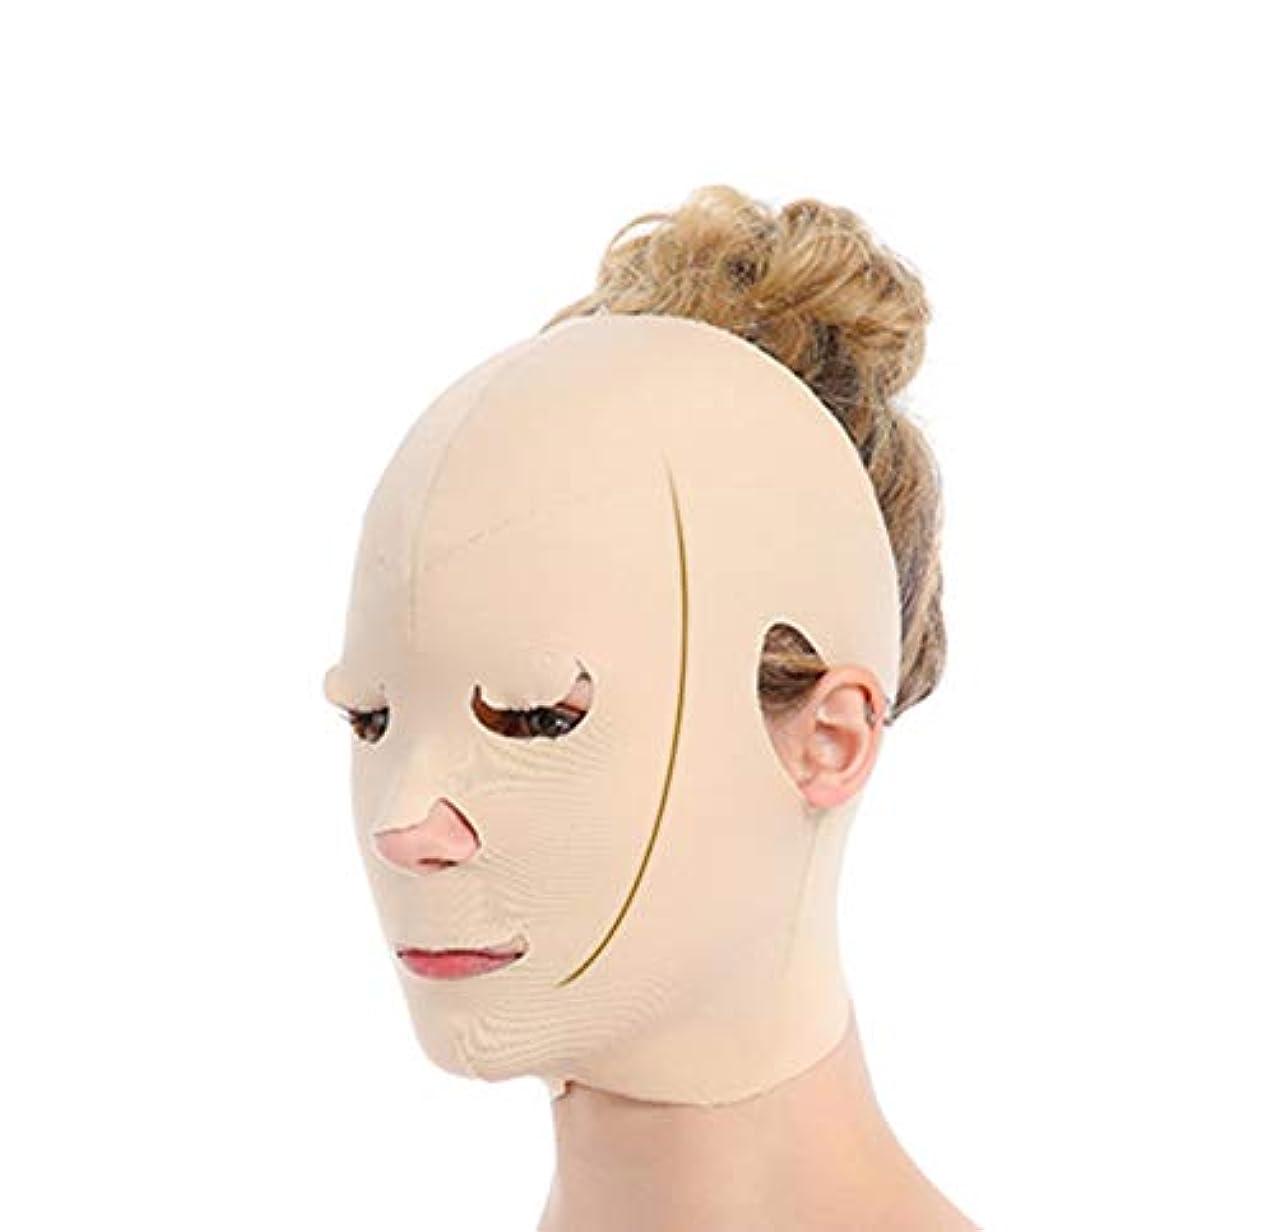 混沌素晴らしき川GMSL 小さな顔ツールv顔包帯薄い顔美容マスク怠惰な睡眠マスク男性と女性v顔包帯整形リフティング引き締め顔薄い二重あご GMSL